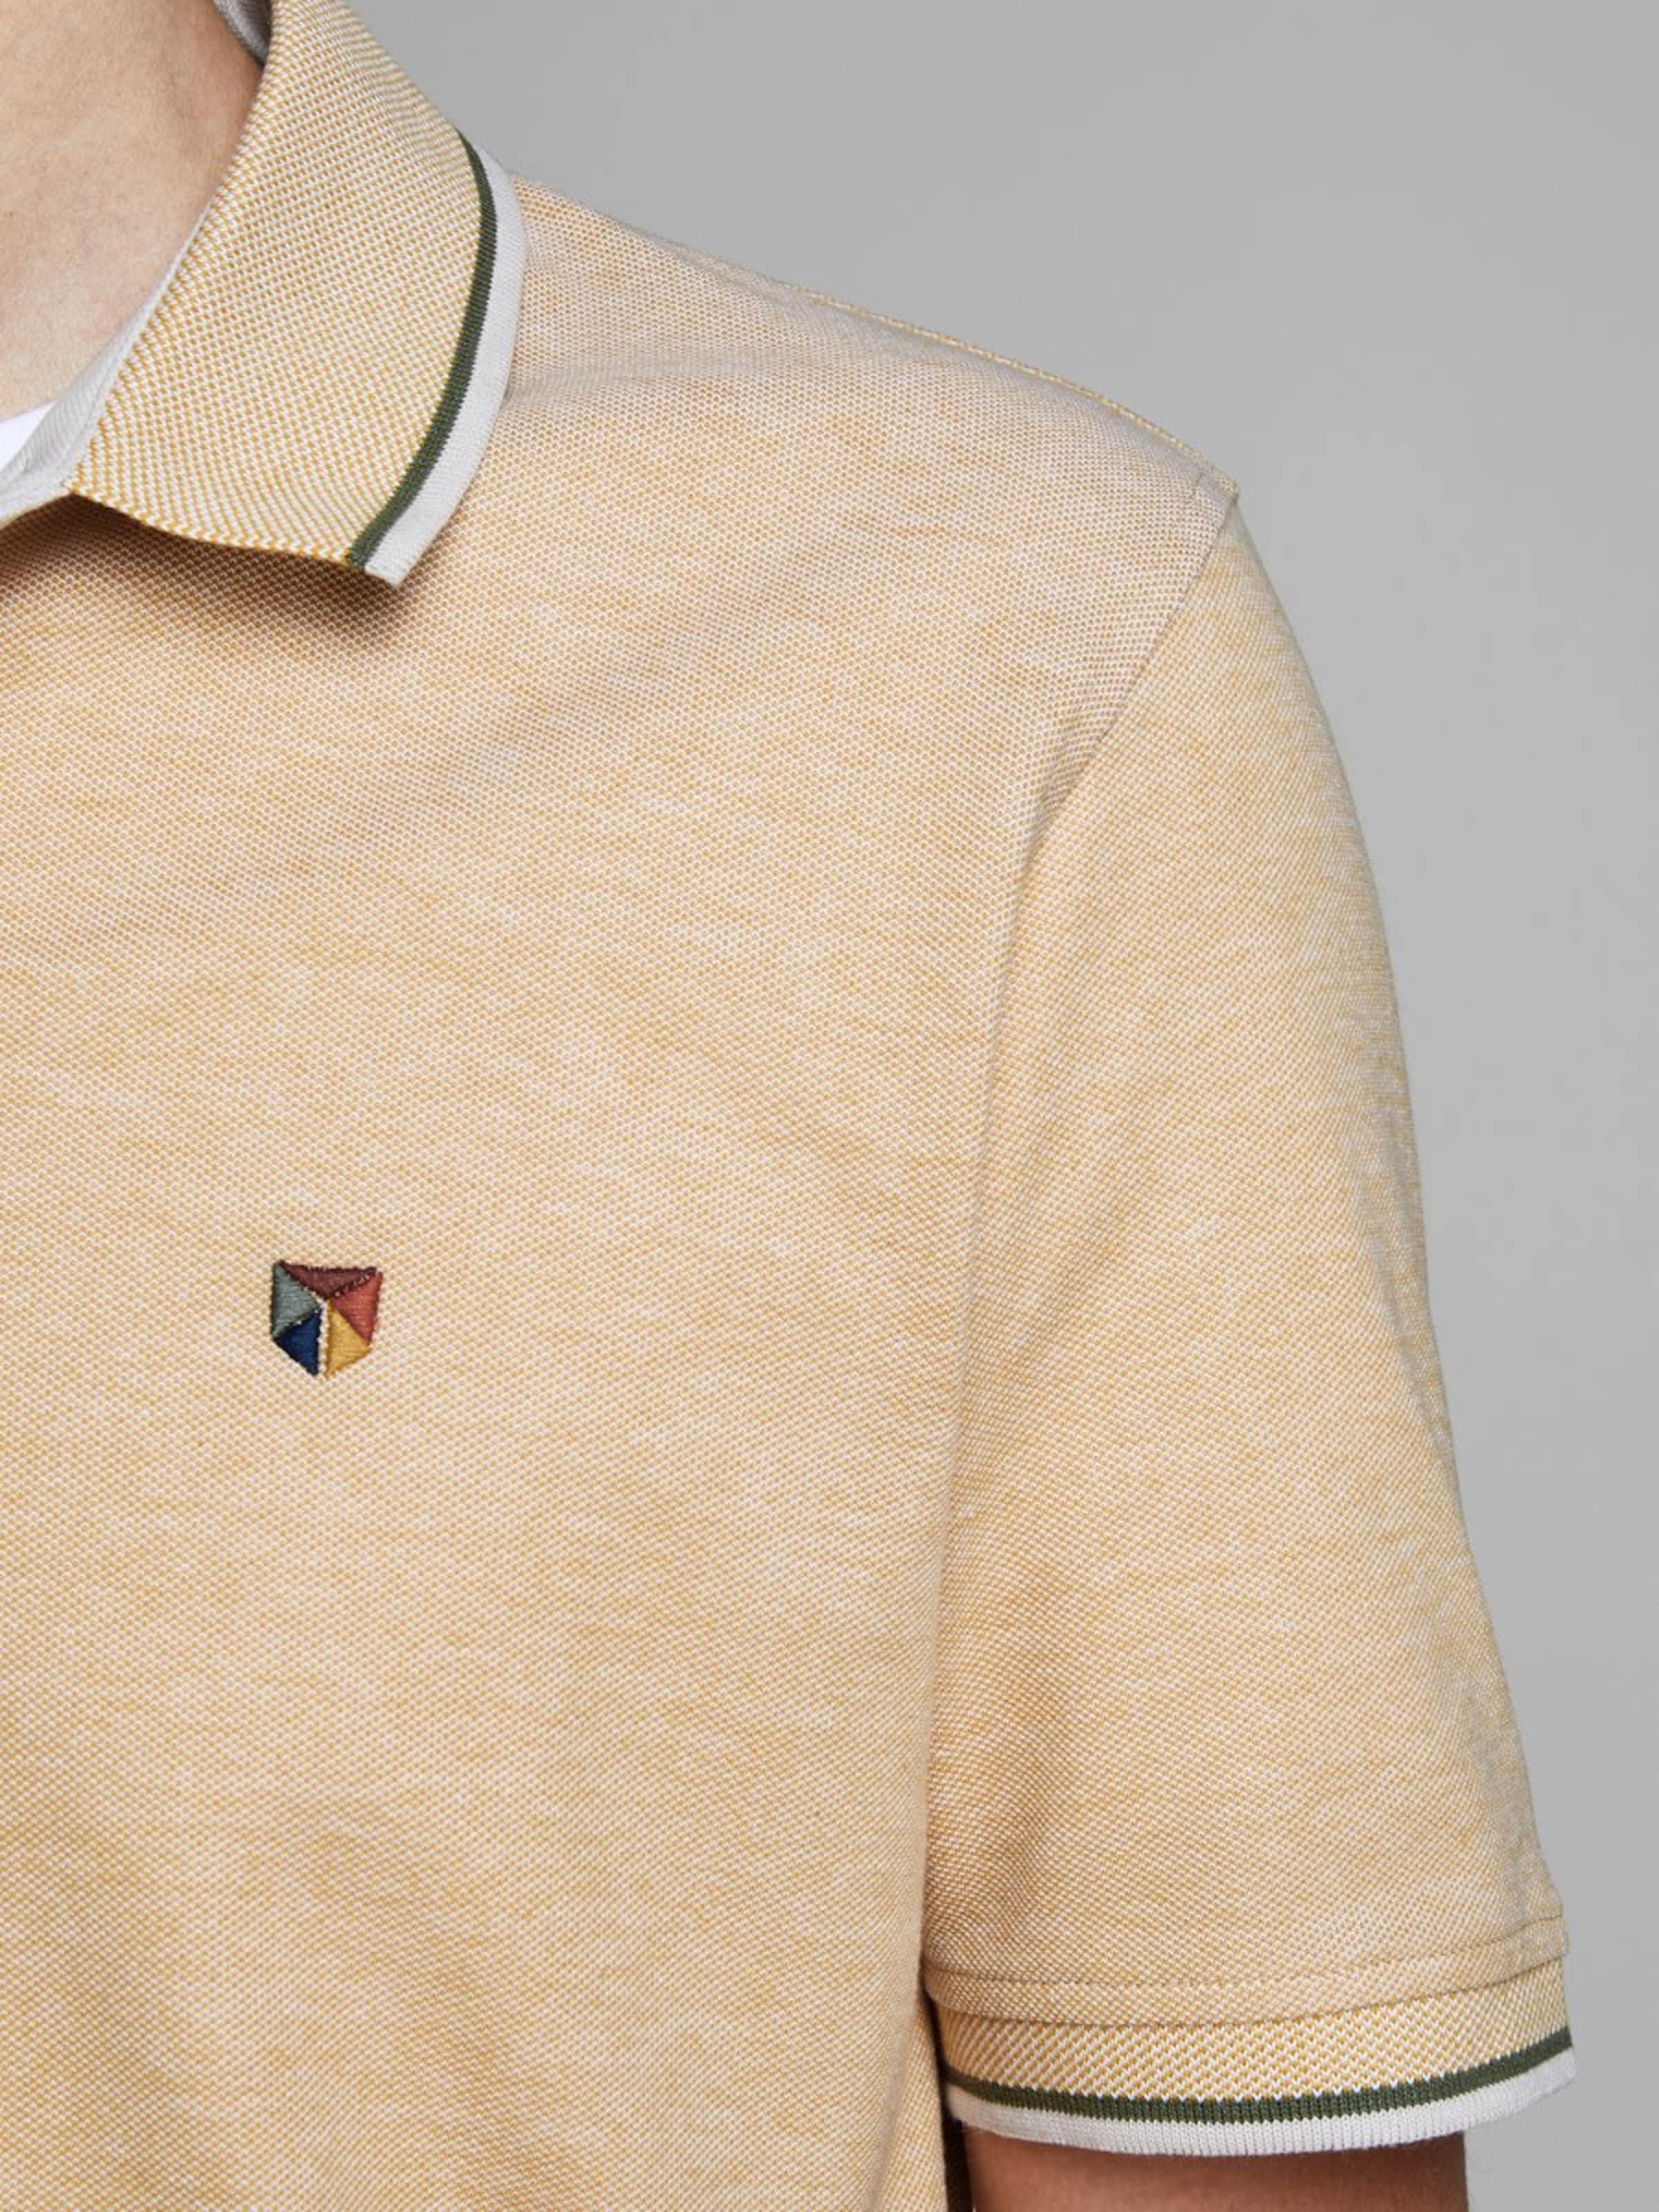 Shirt In Jones GoudgeelGroen Jackamp; Wit Iyvb7gf6Y